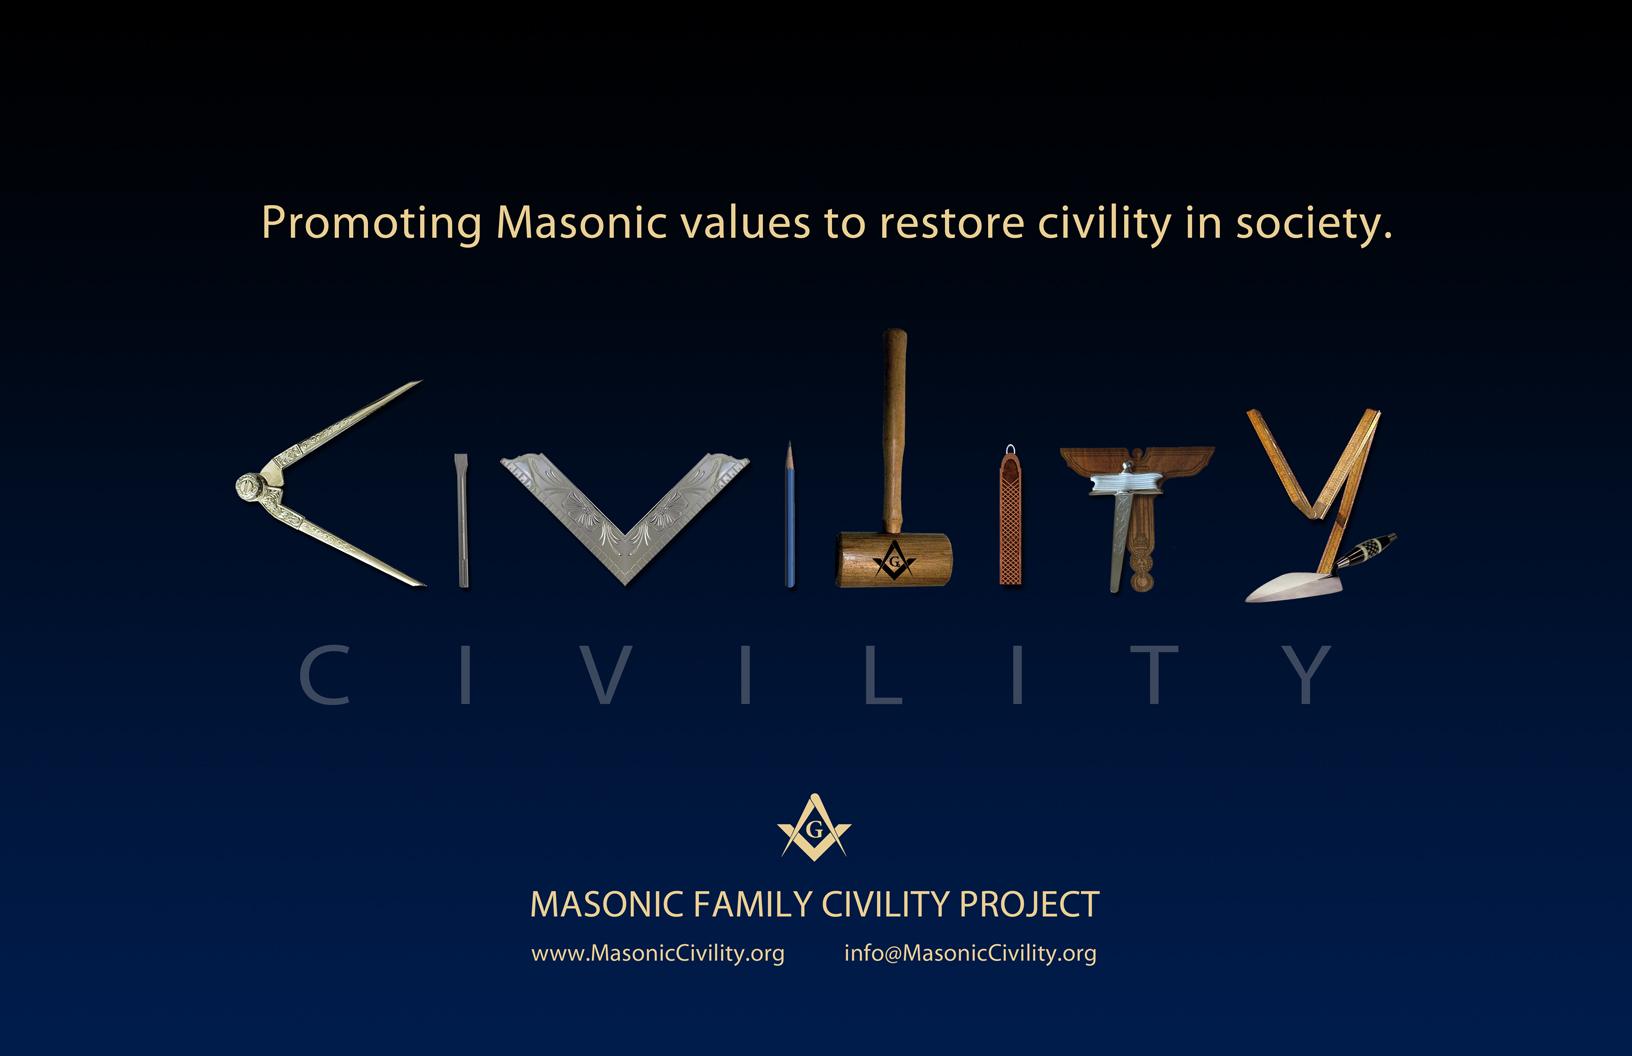 Promoting Masonic Values